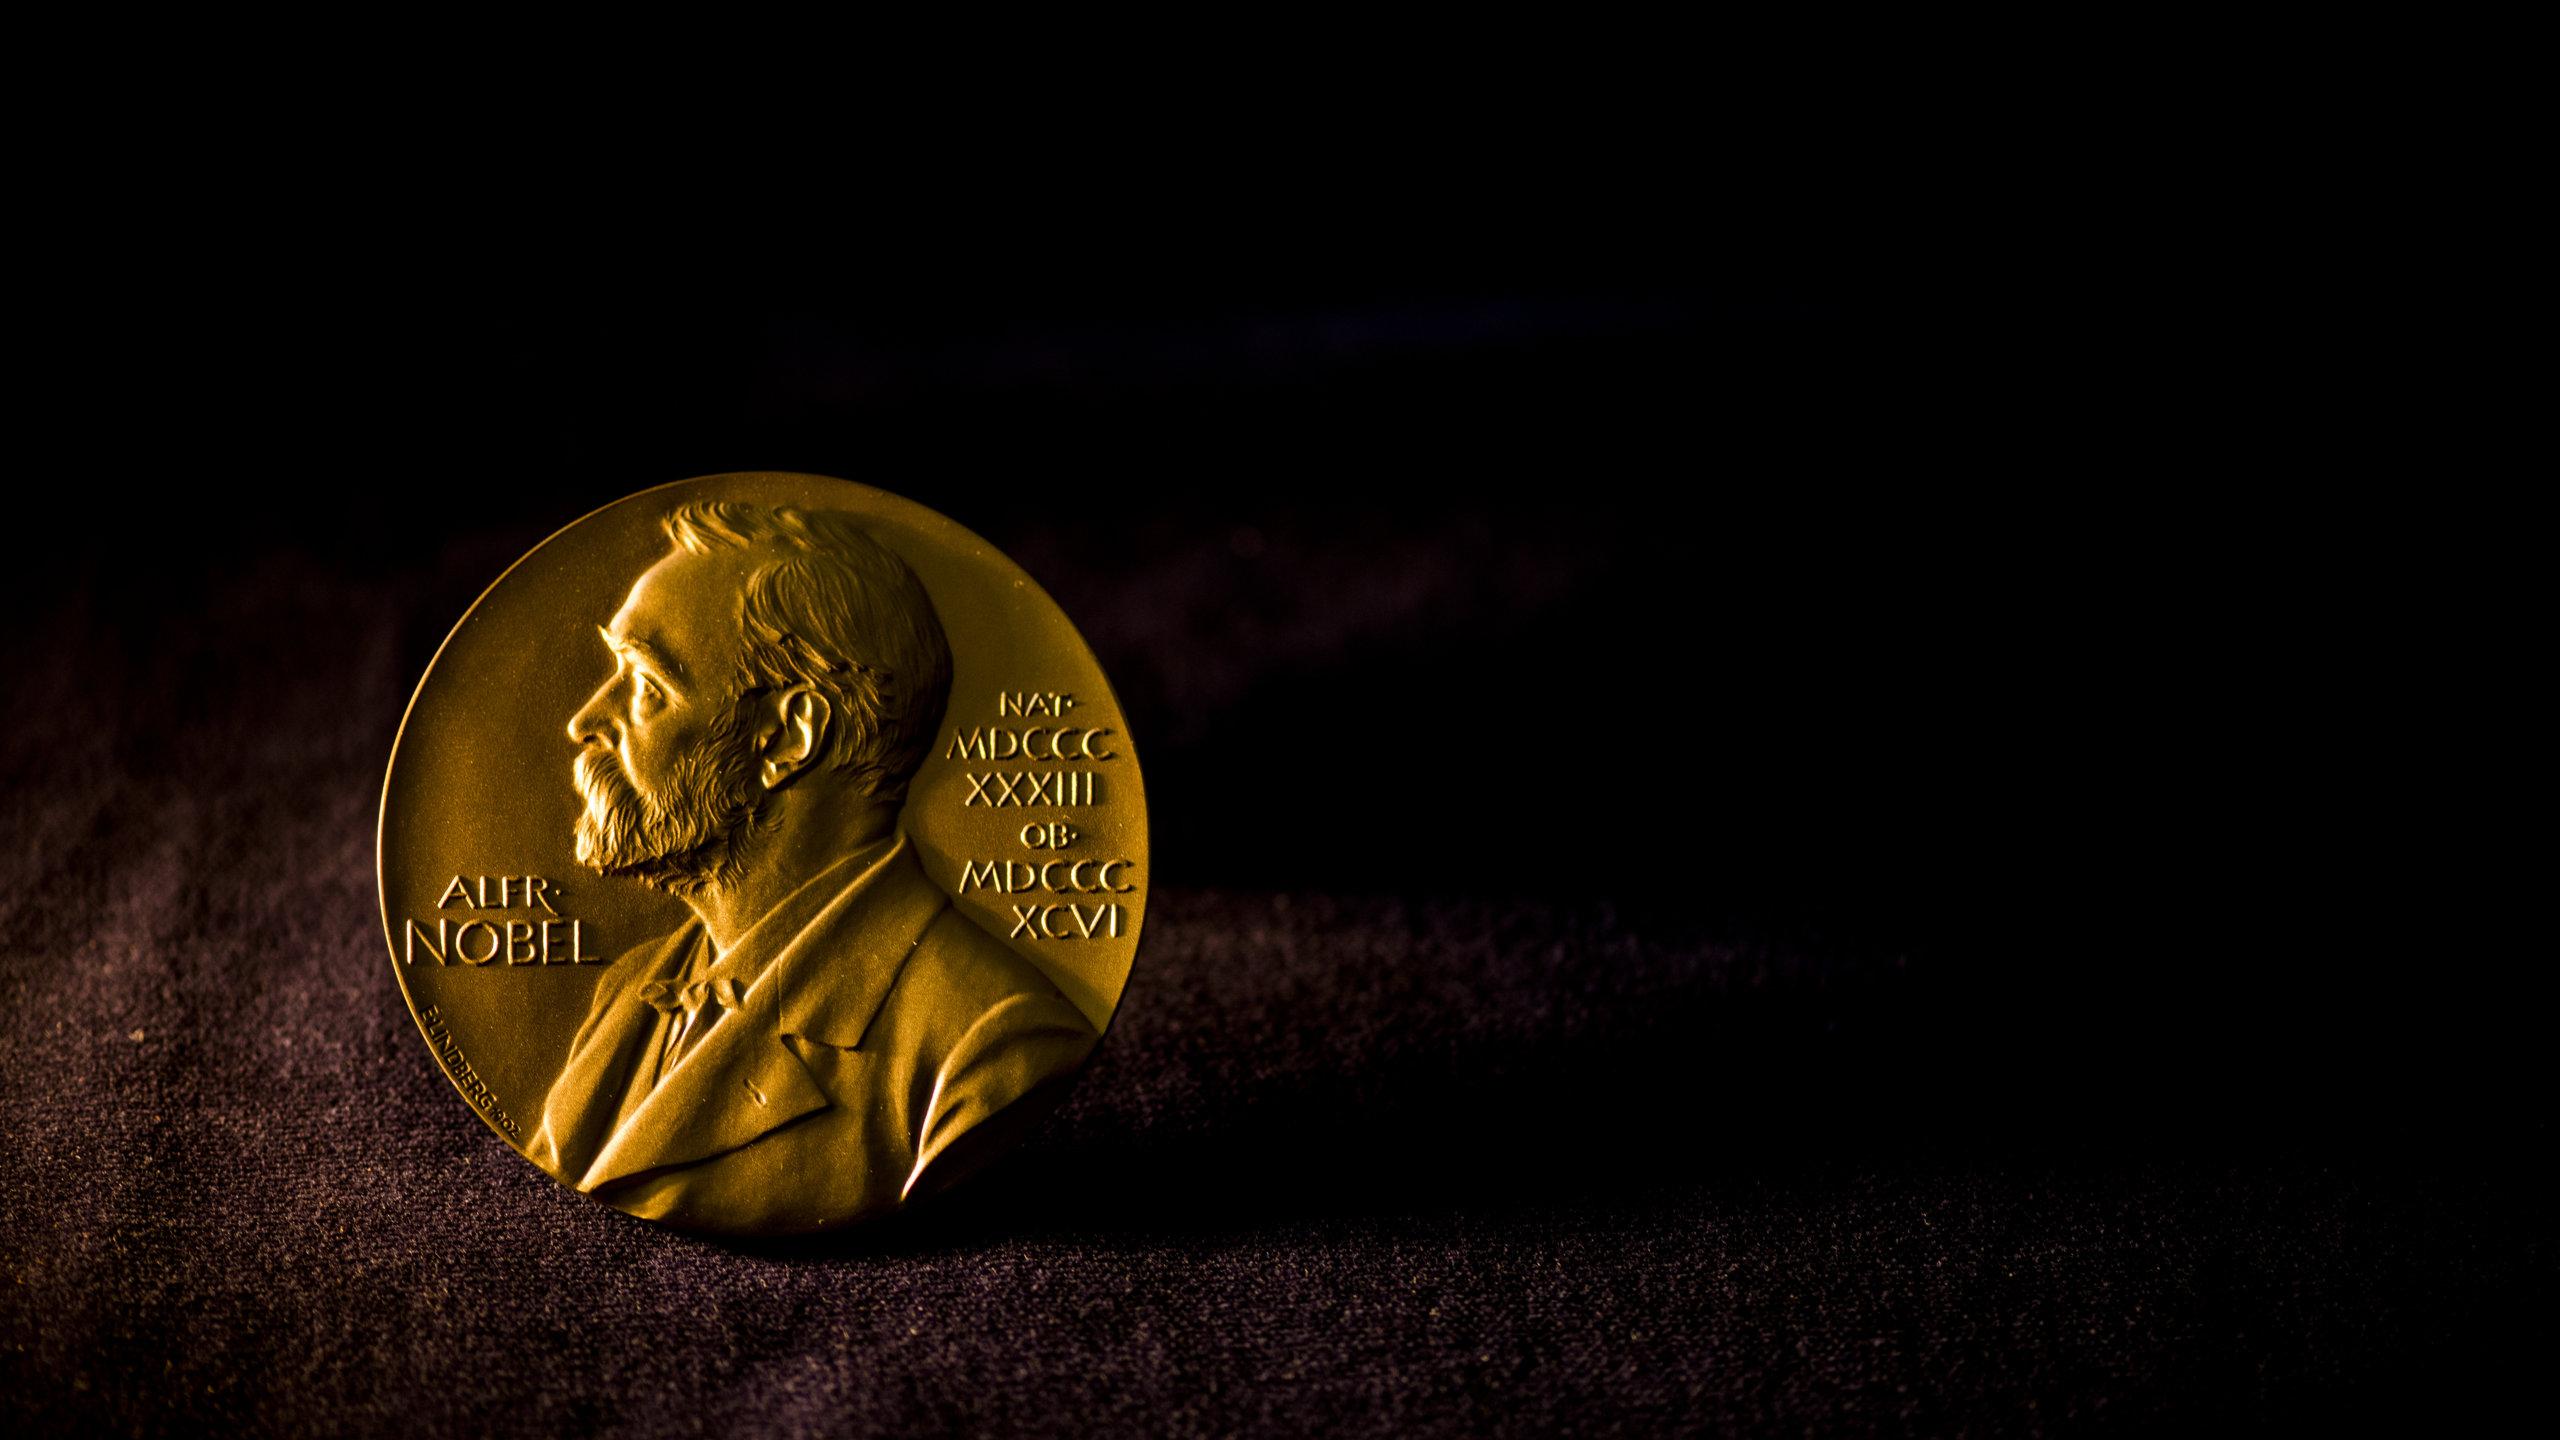 諾貝爾獎章